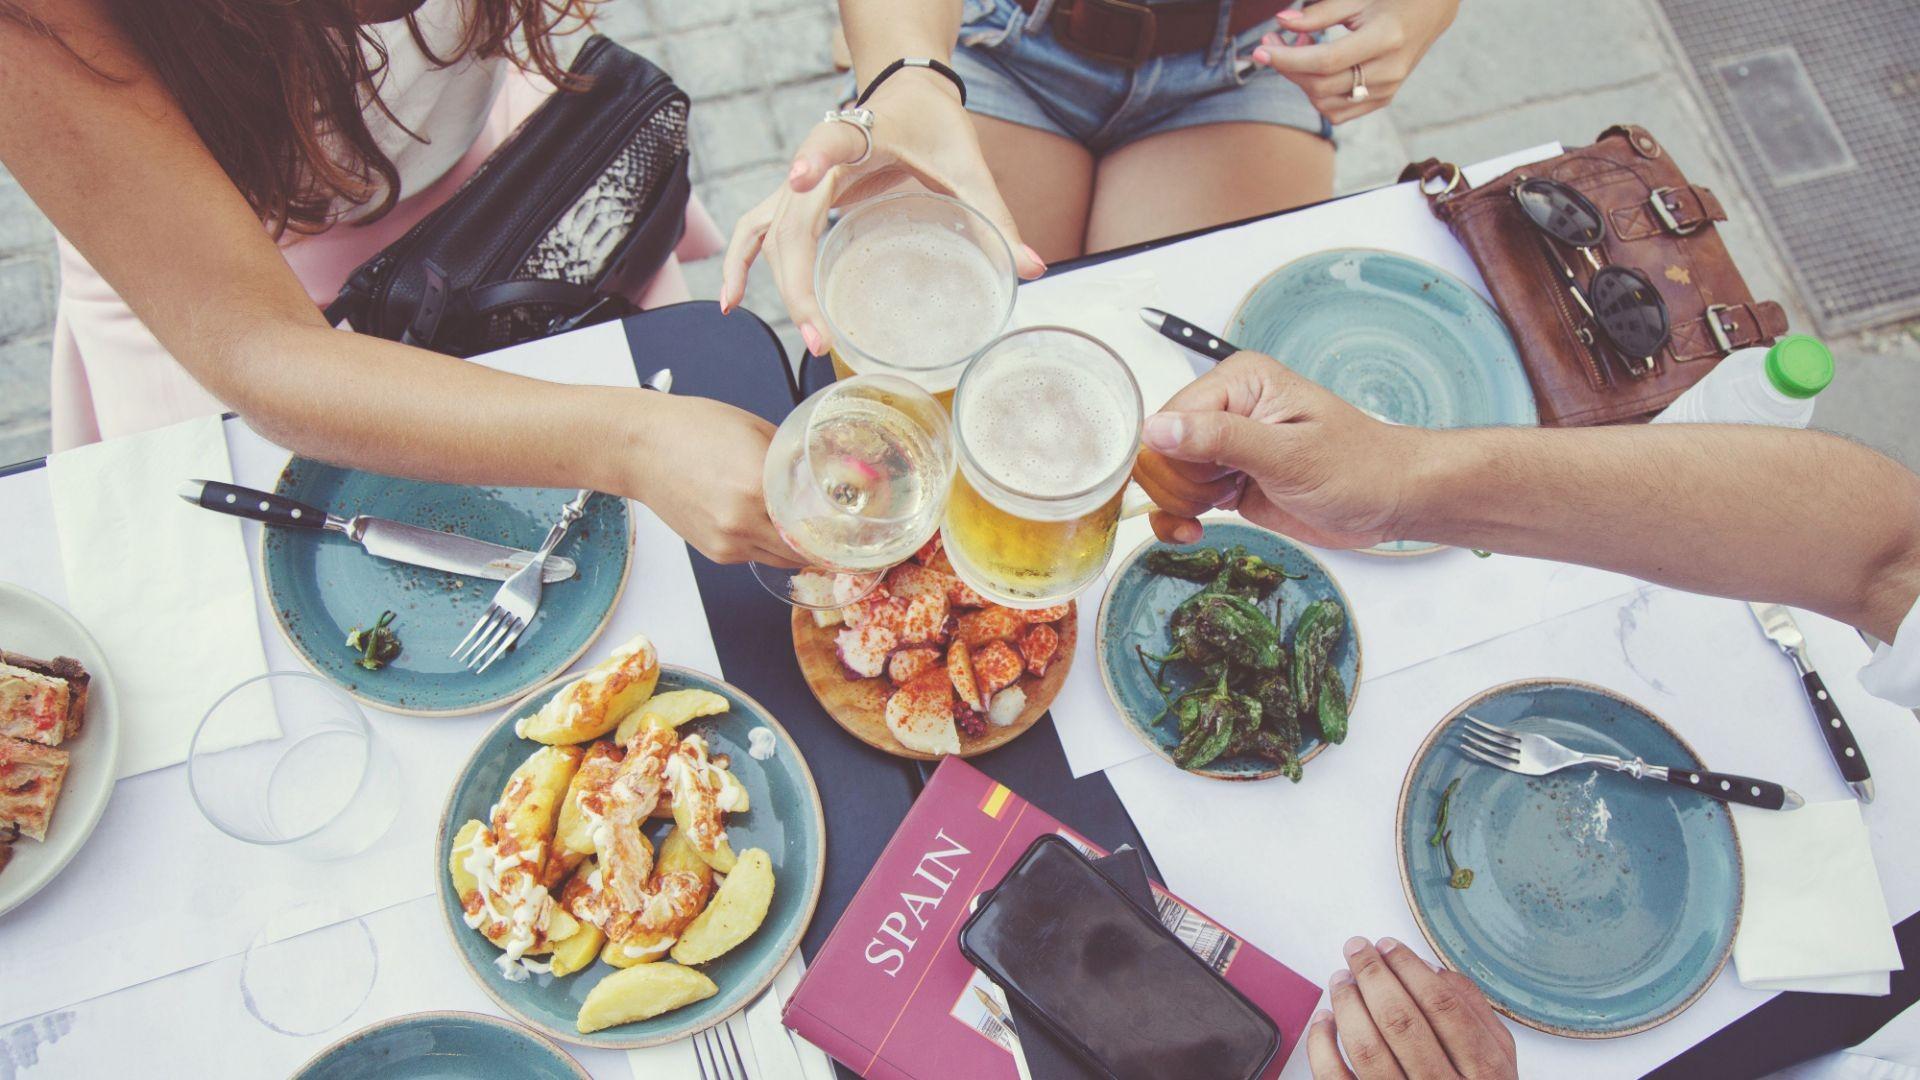 Bar cafetería de picoteo en Valladolid